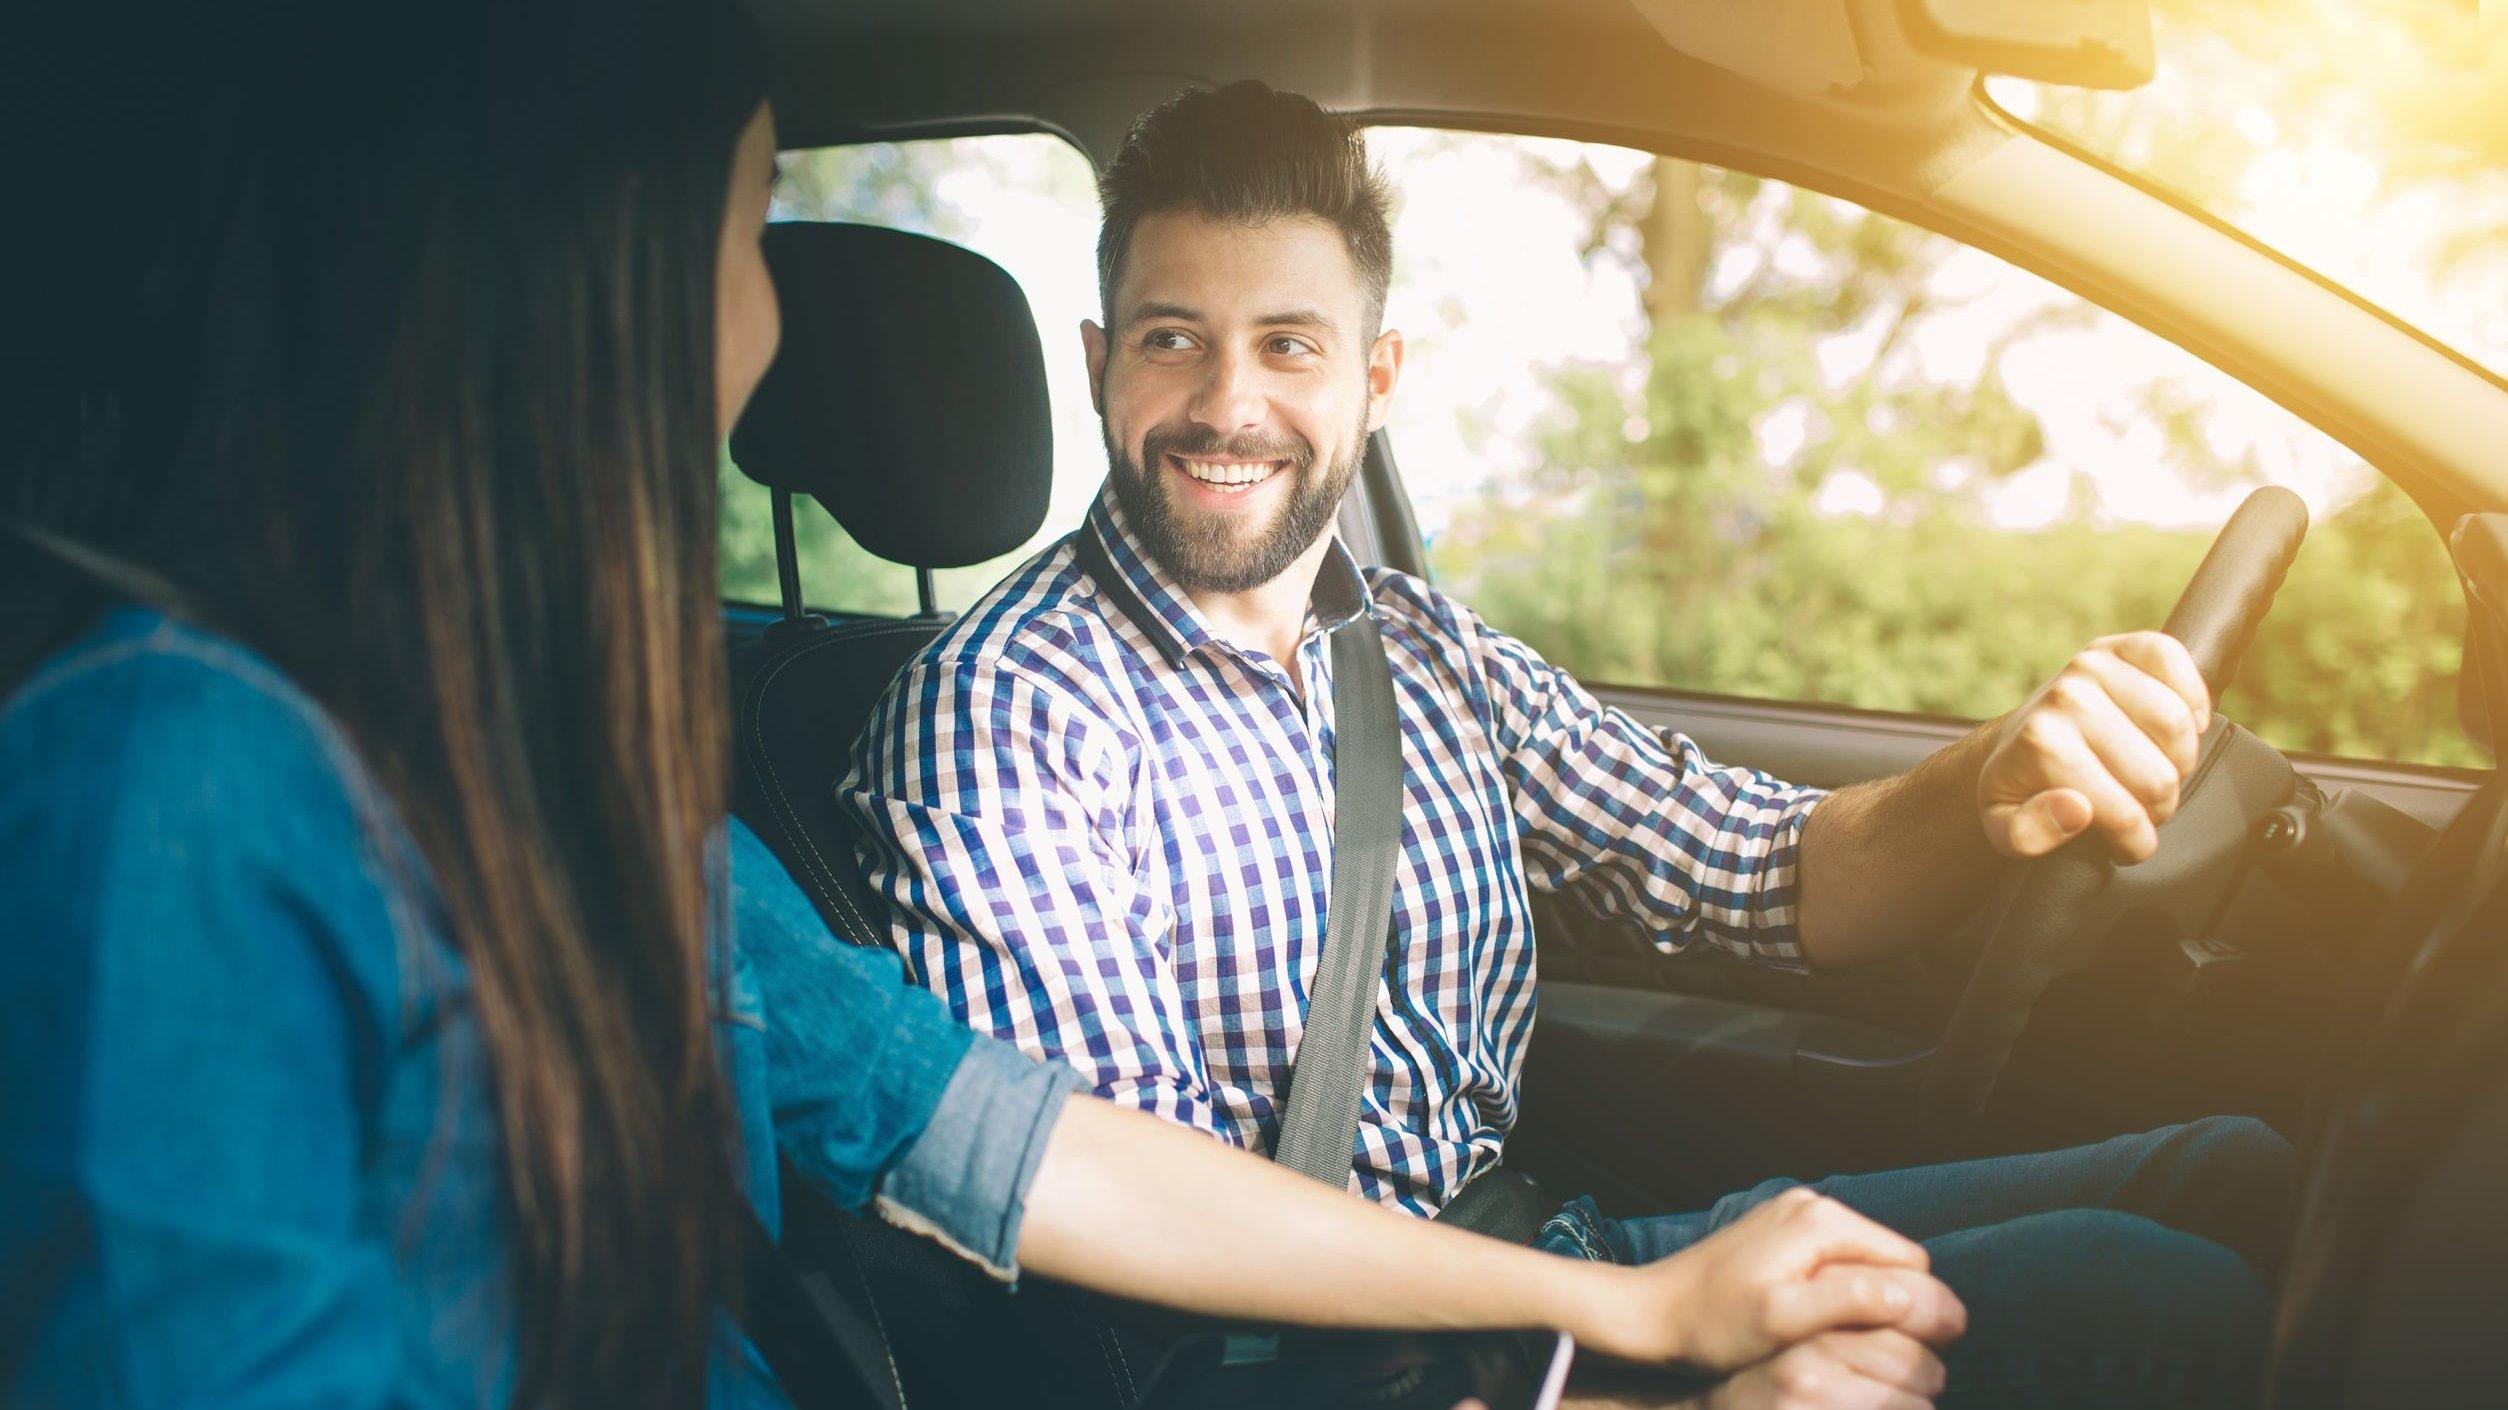 Homem e mulher em carro, sorrindo. Homem usando sinto de segurança.